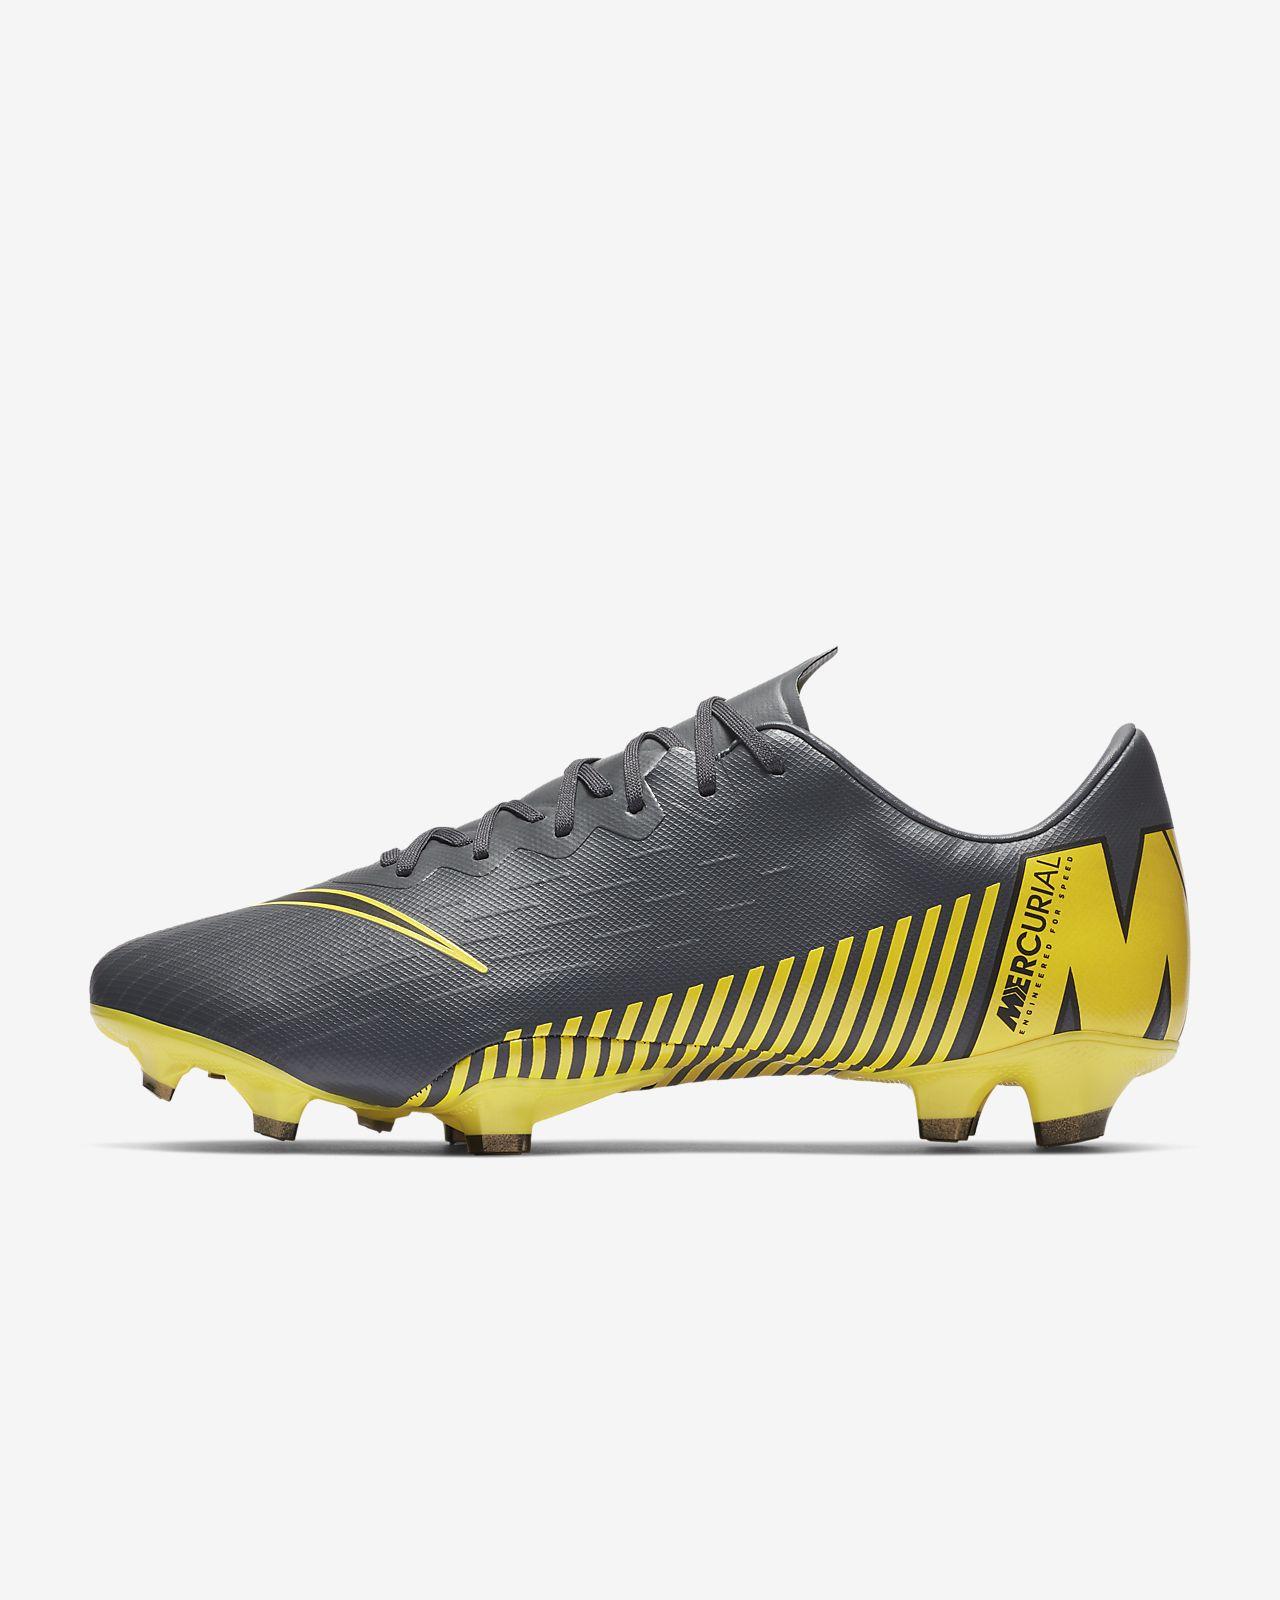 685398a0d Nike Vapor 12 Pro FG Game Over Firm-Ground Football Boot. Nike.com GB